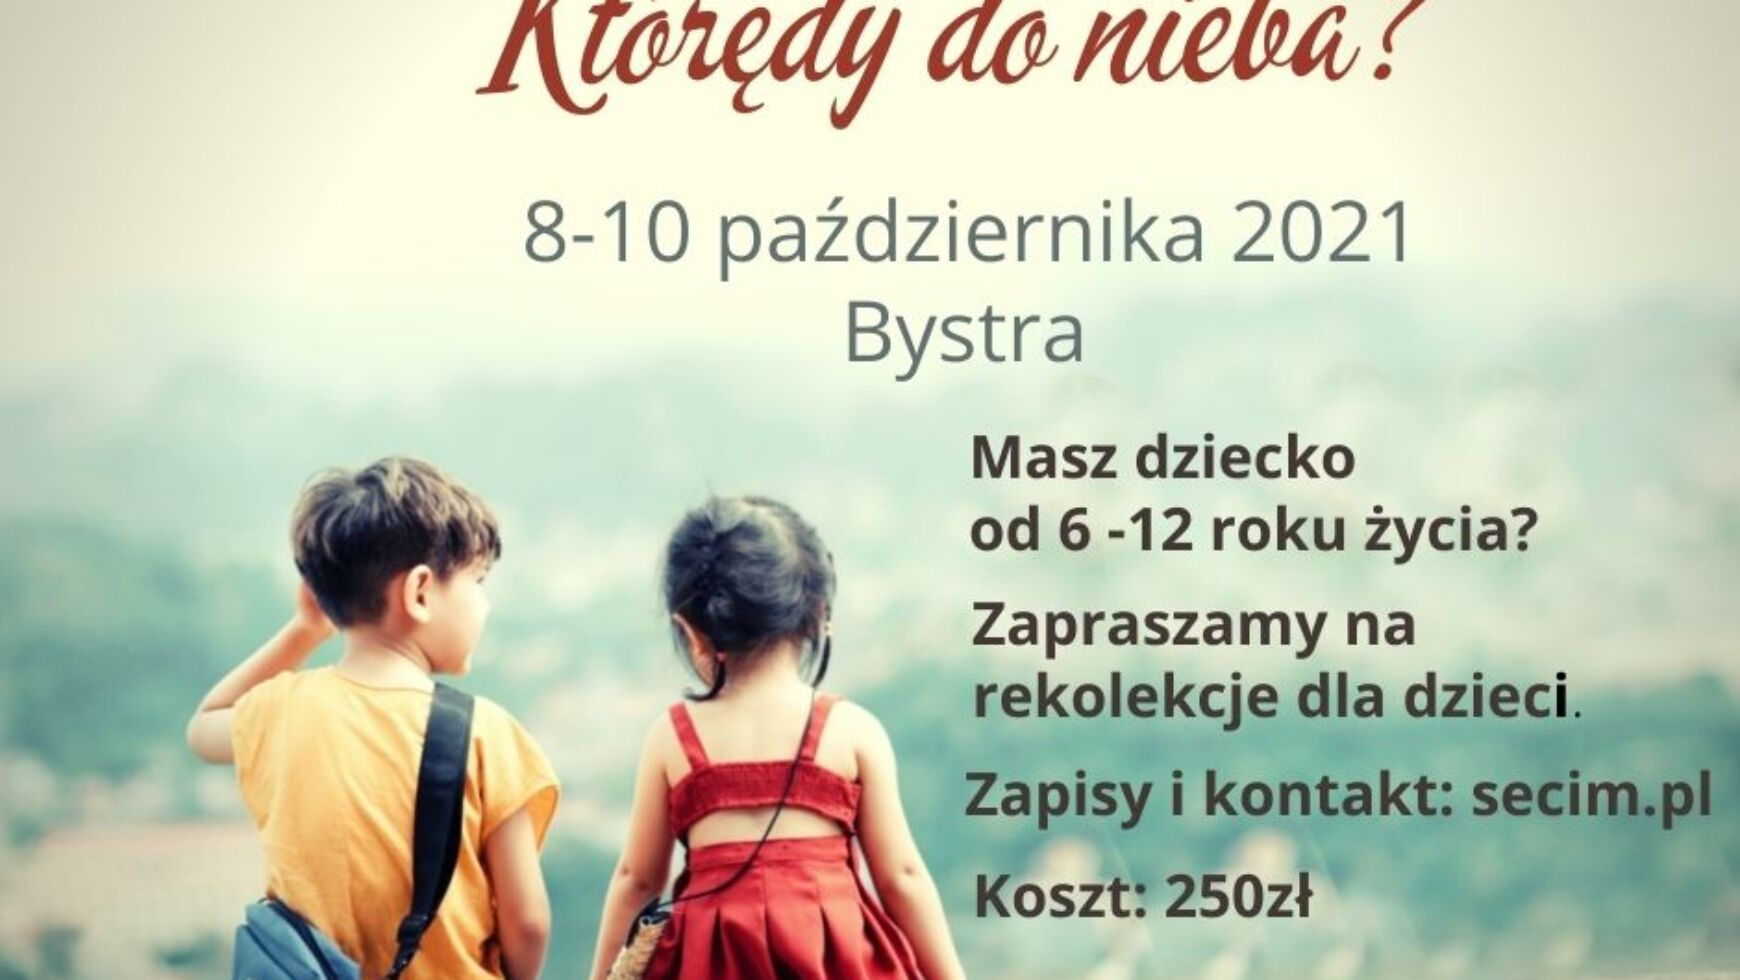 Kurs dla dzieci, 8-10.10.2021 Bystra